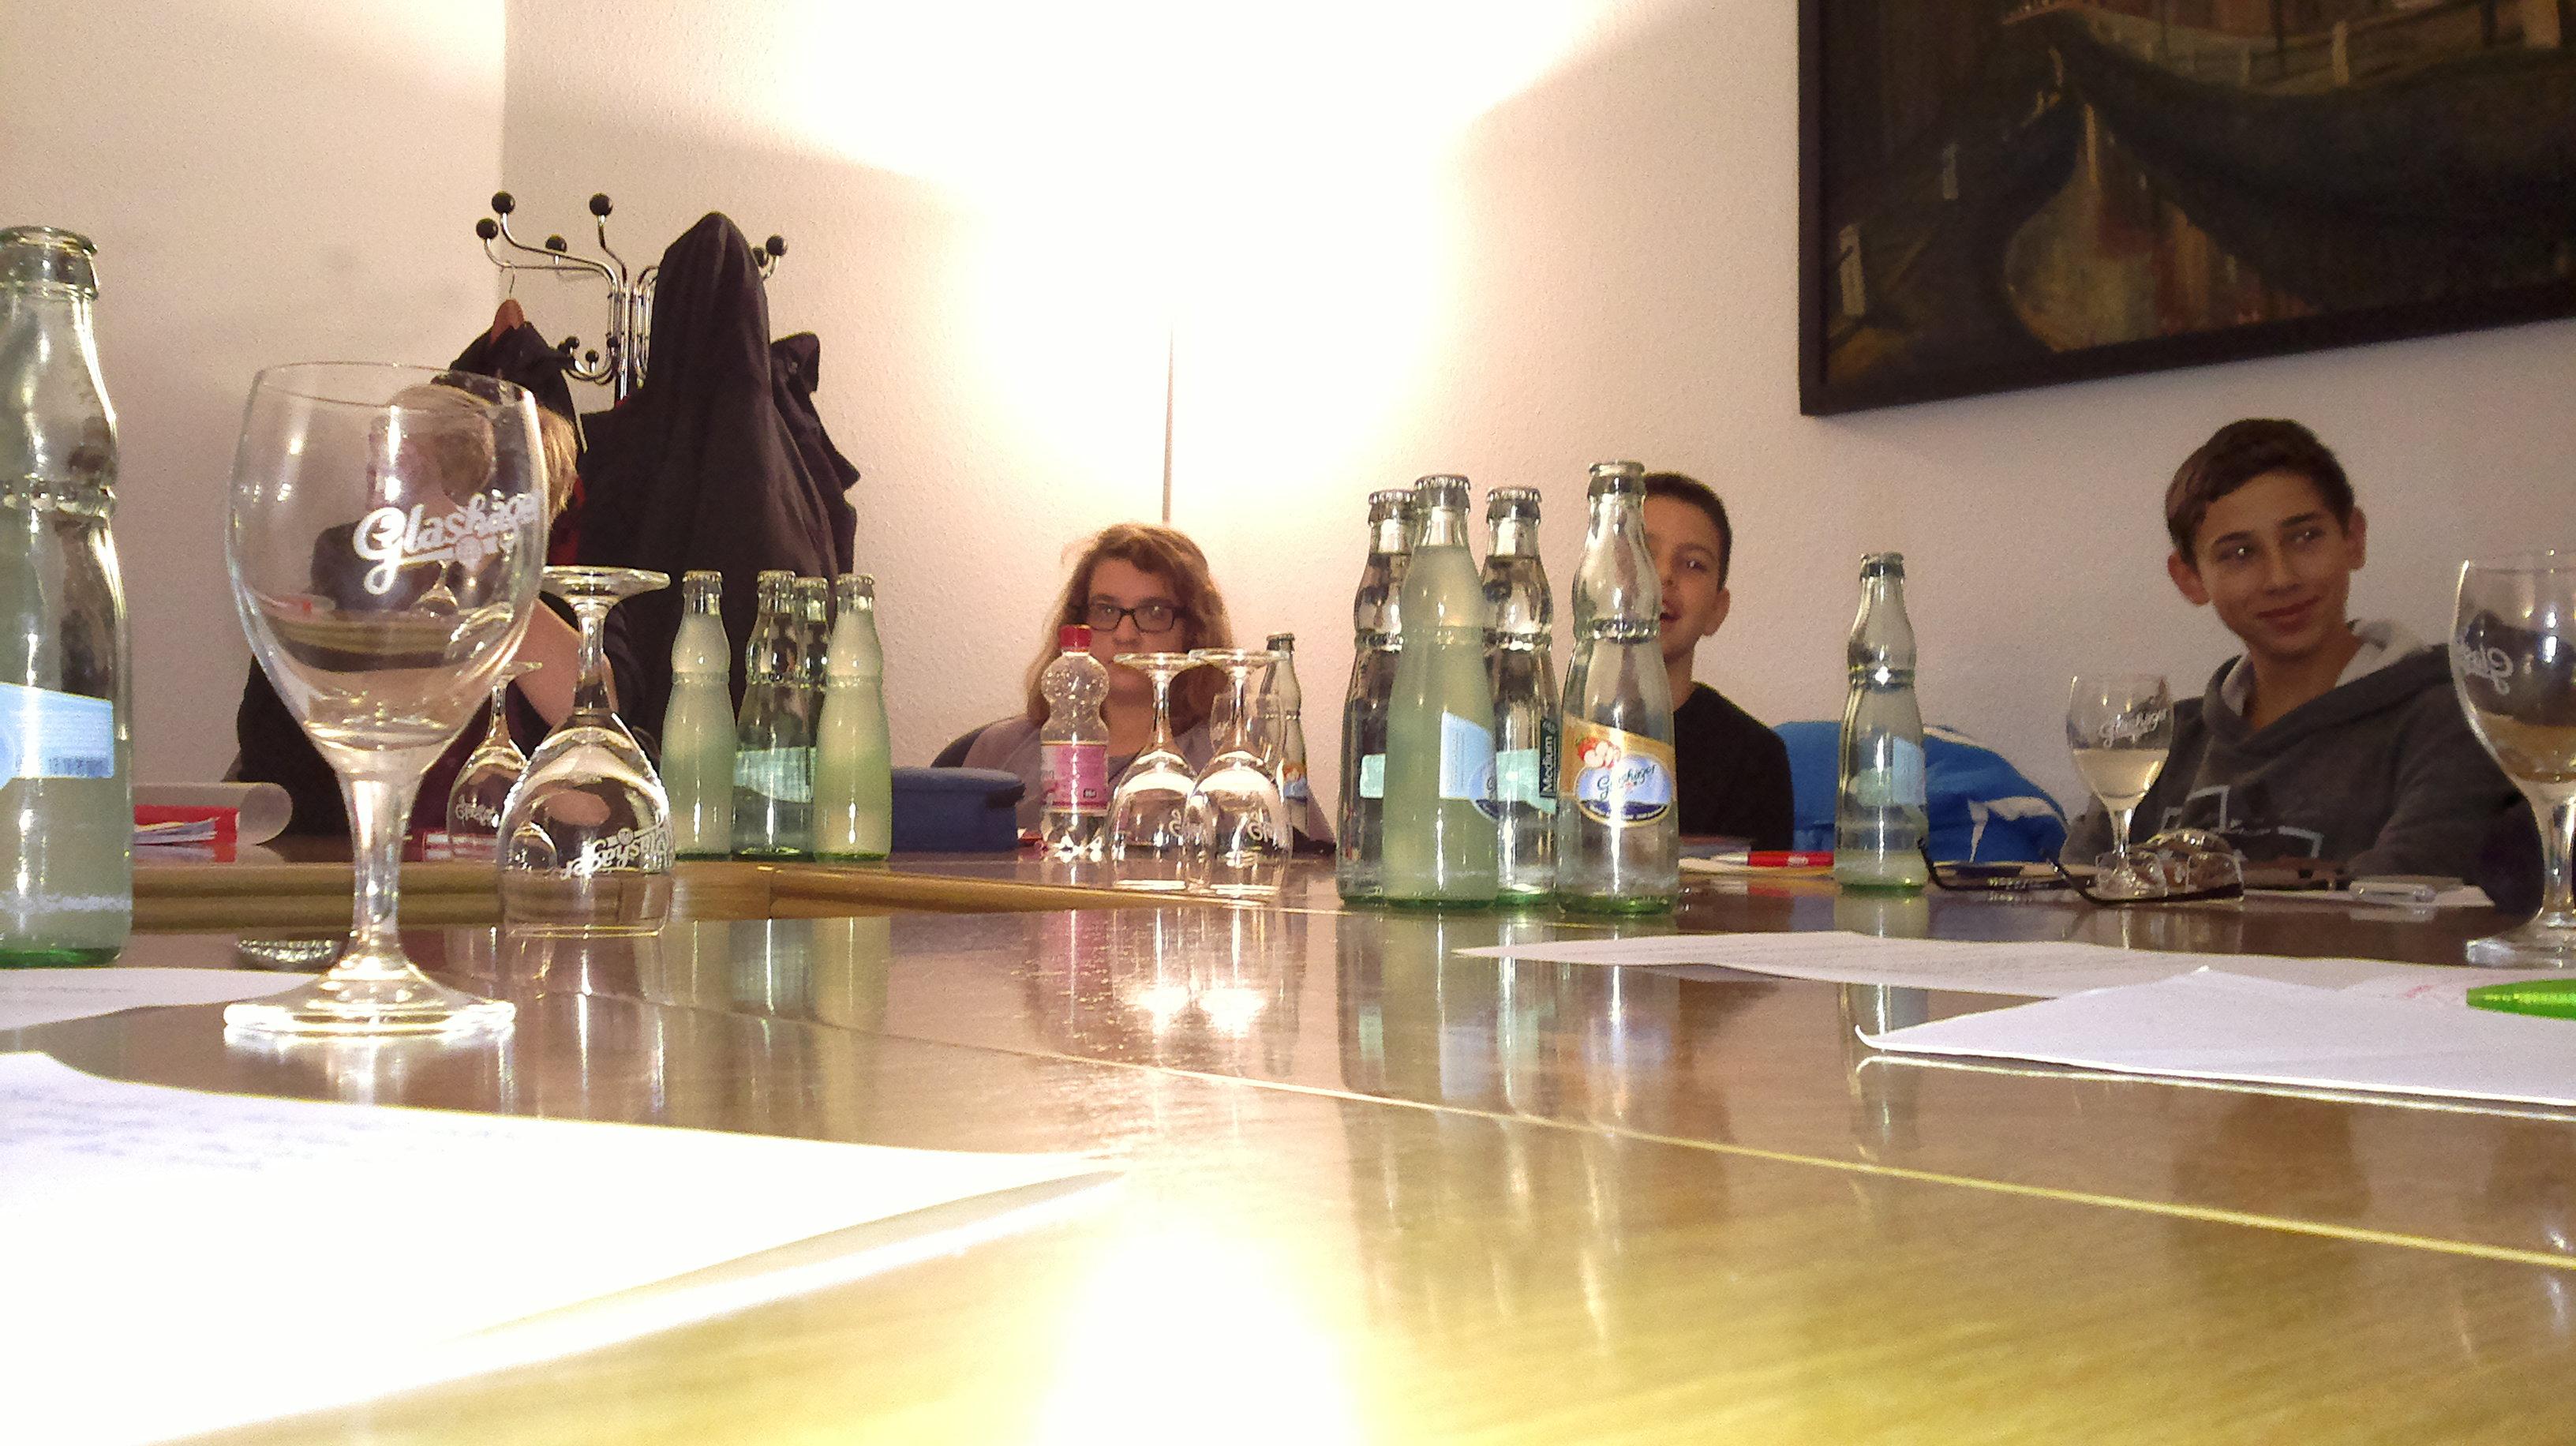 KiJuPa 2012, in Kürze… 2013 geht's weiter!